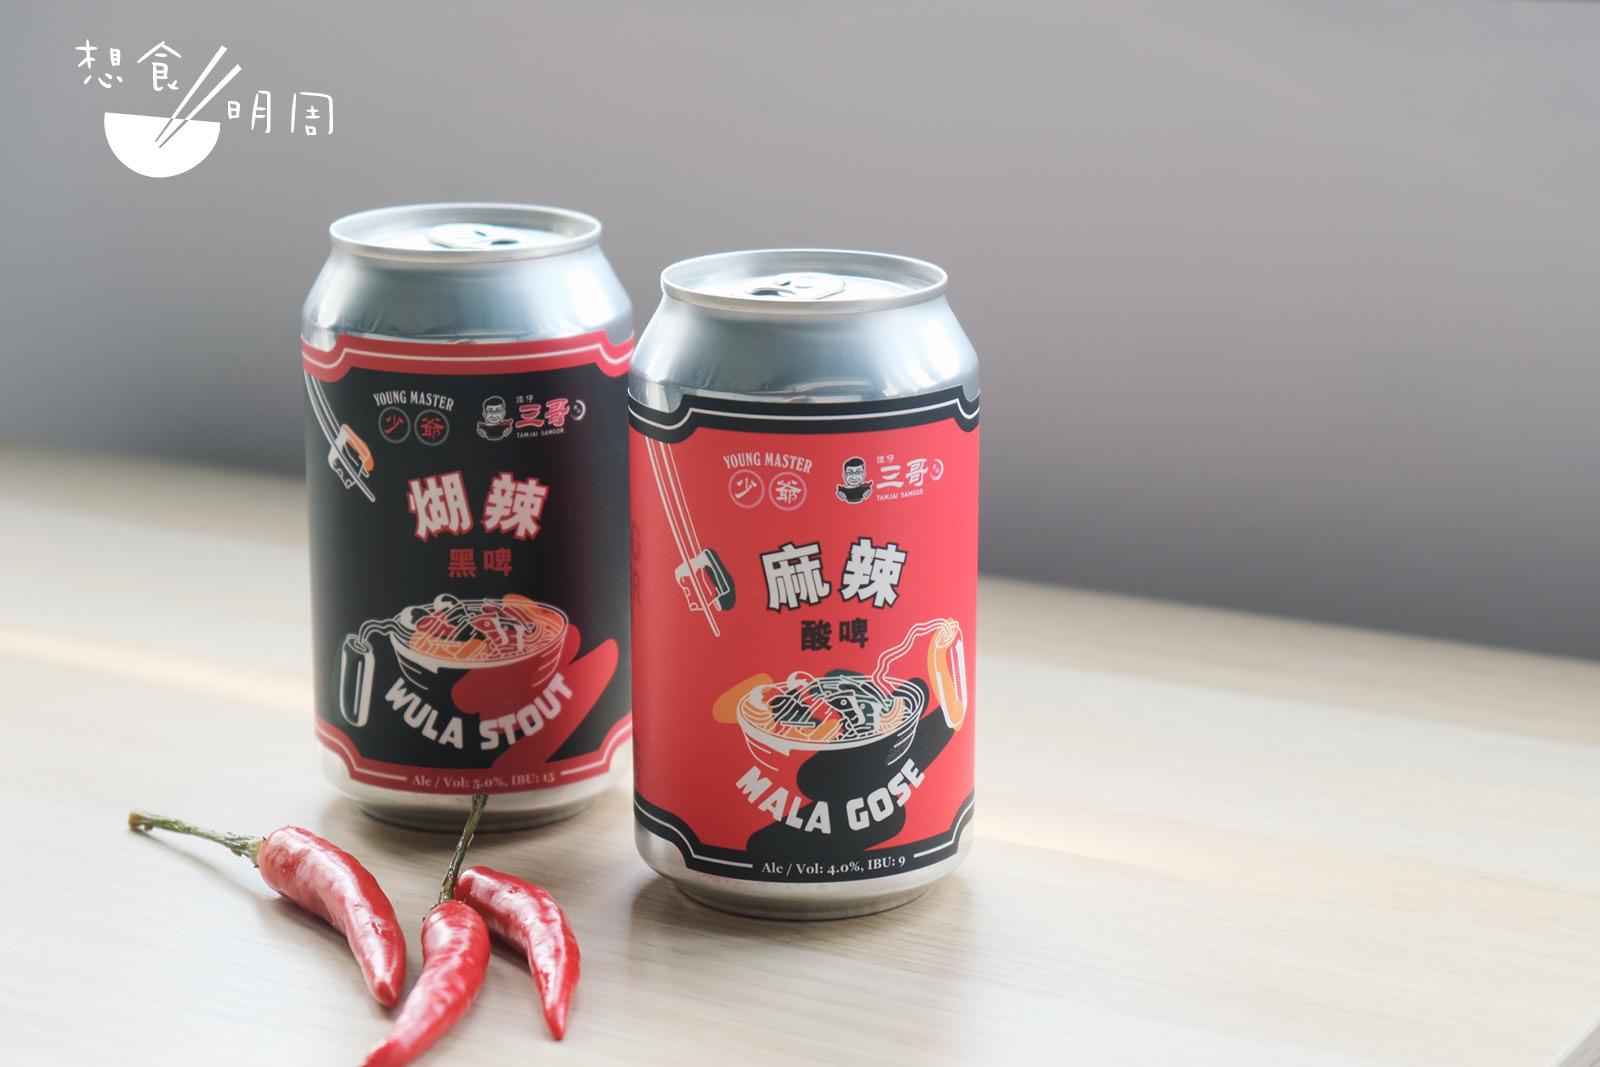 這次的聯乘計劃共推出了兩款口味,分別是「麻辣酸啤」及「煳辣黑啤」。($21.9/罐)